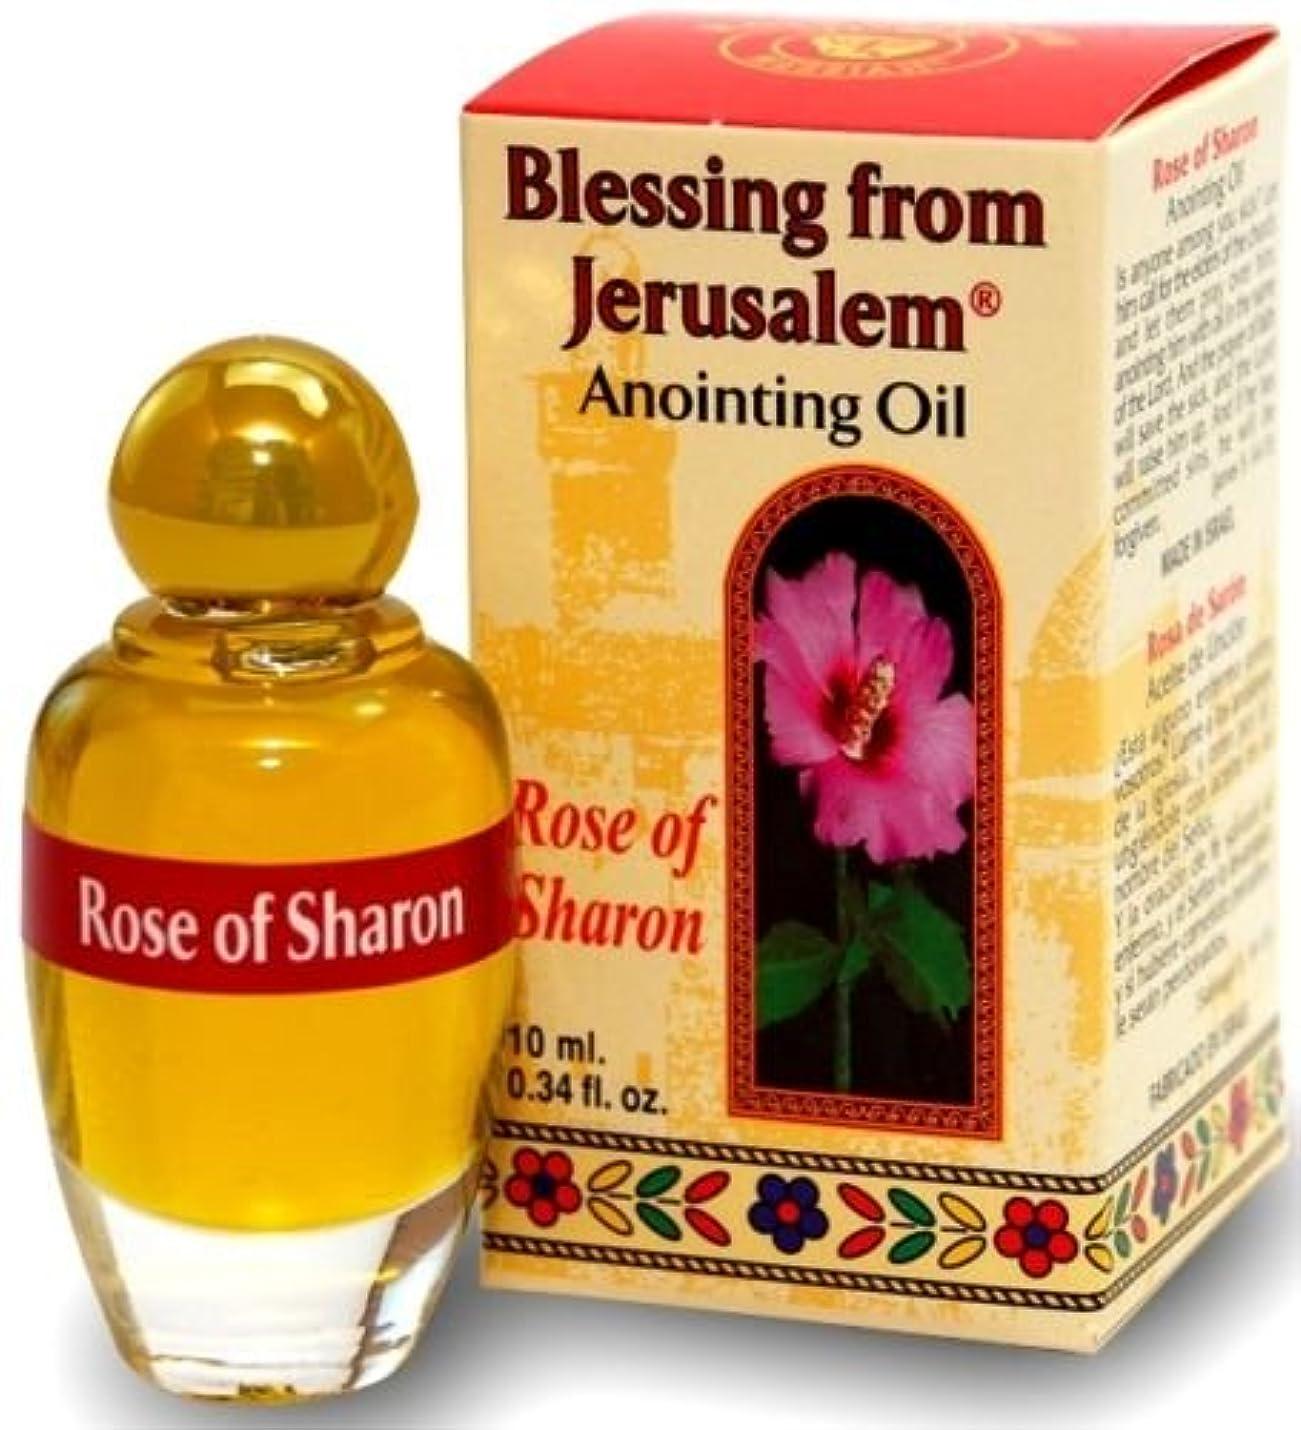 配管アプローチ顎ローズRosa of Sharon AnointingオイルBlessing of Jerusalem Stunning Smell 10 ml byベツレヘムギフトTM